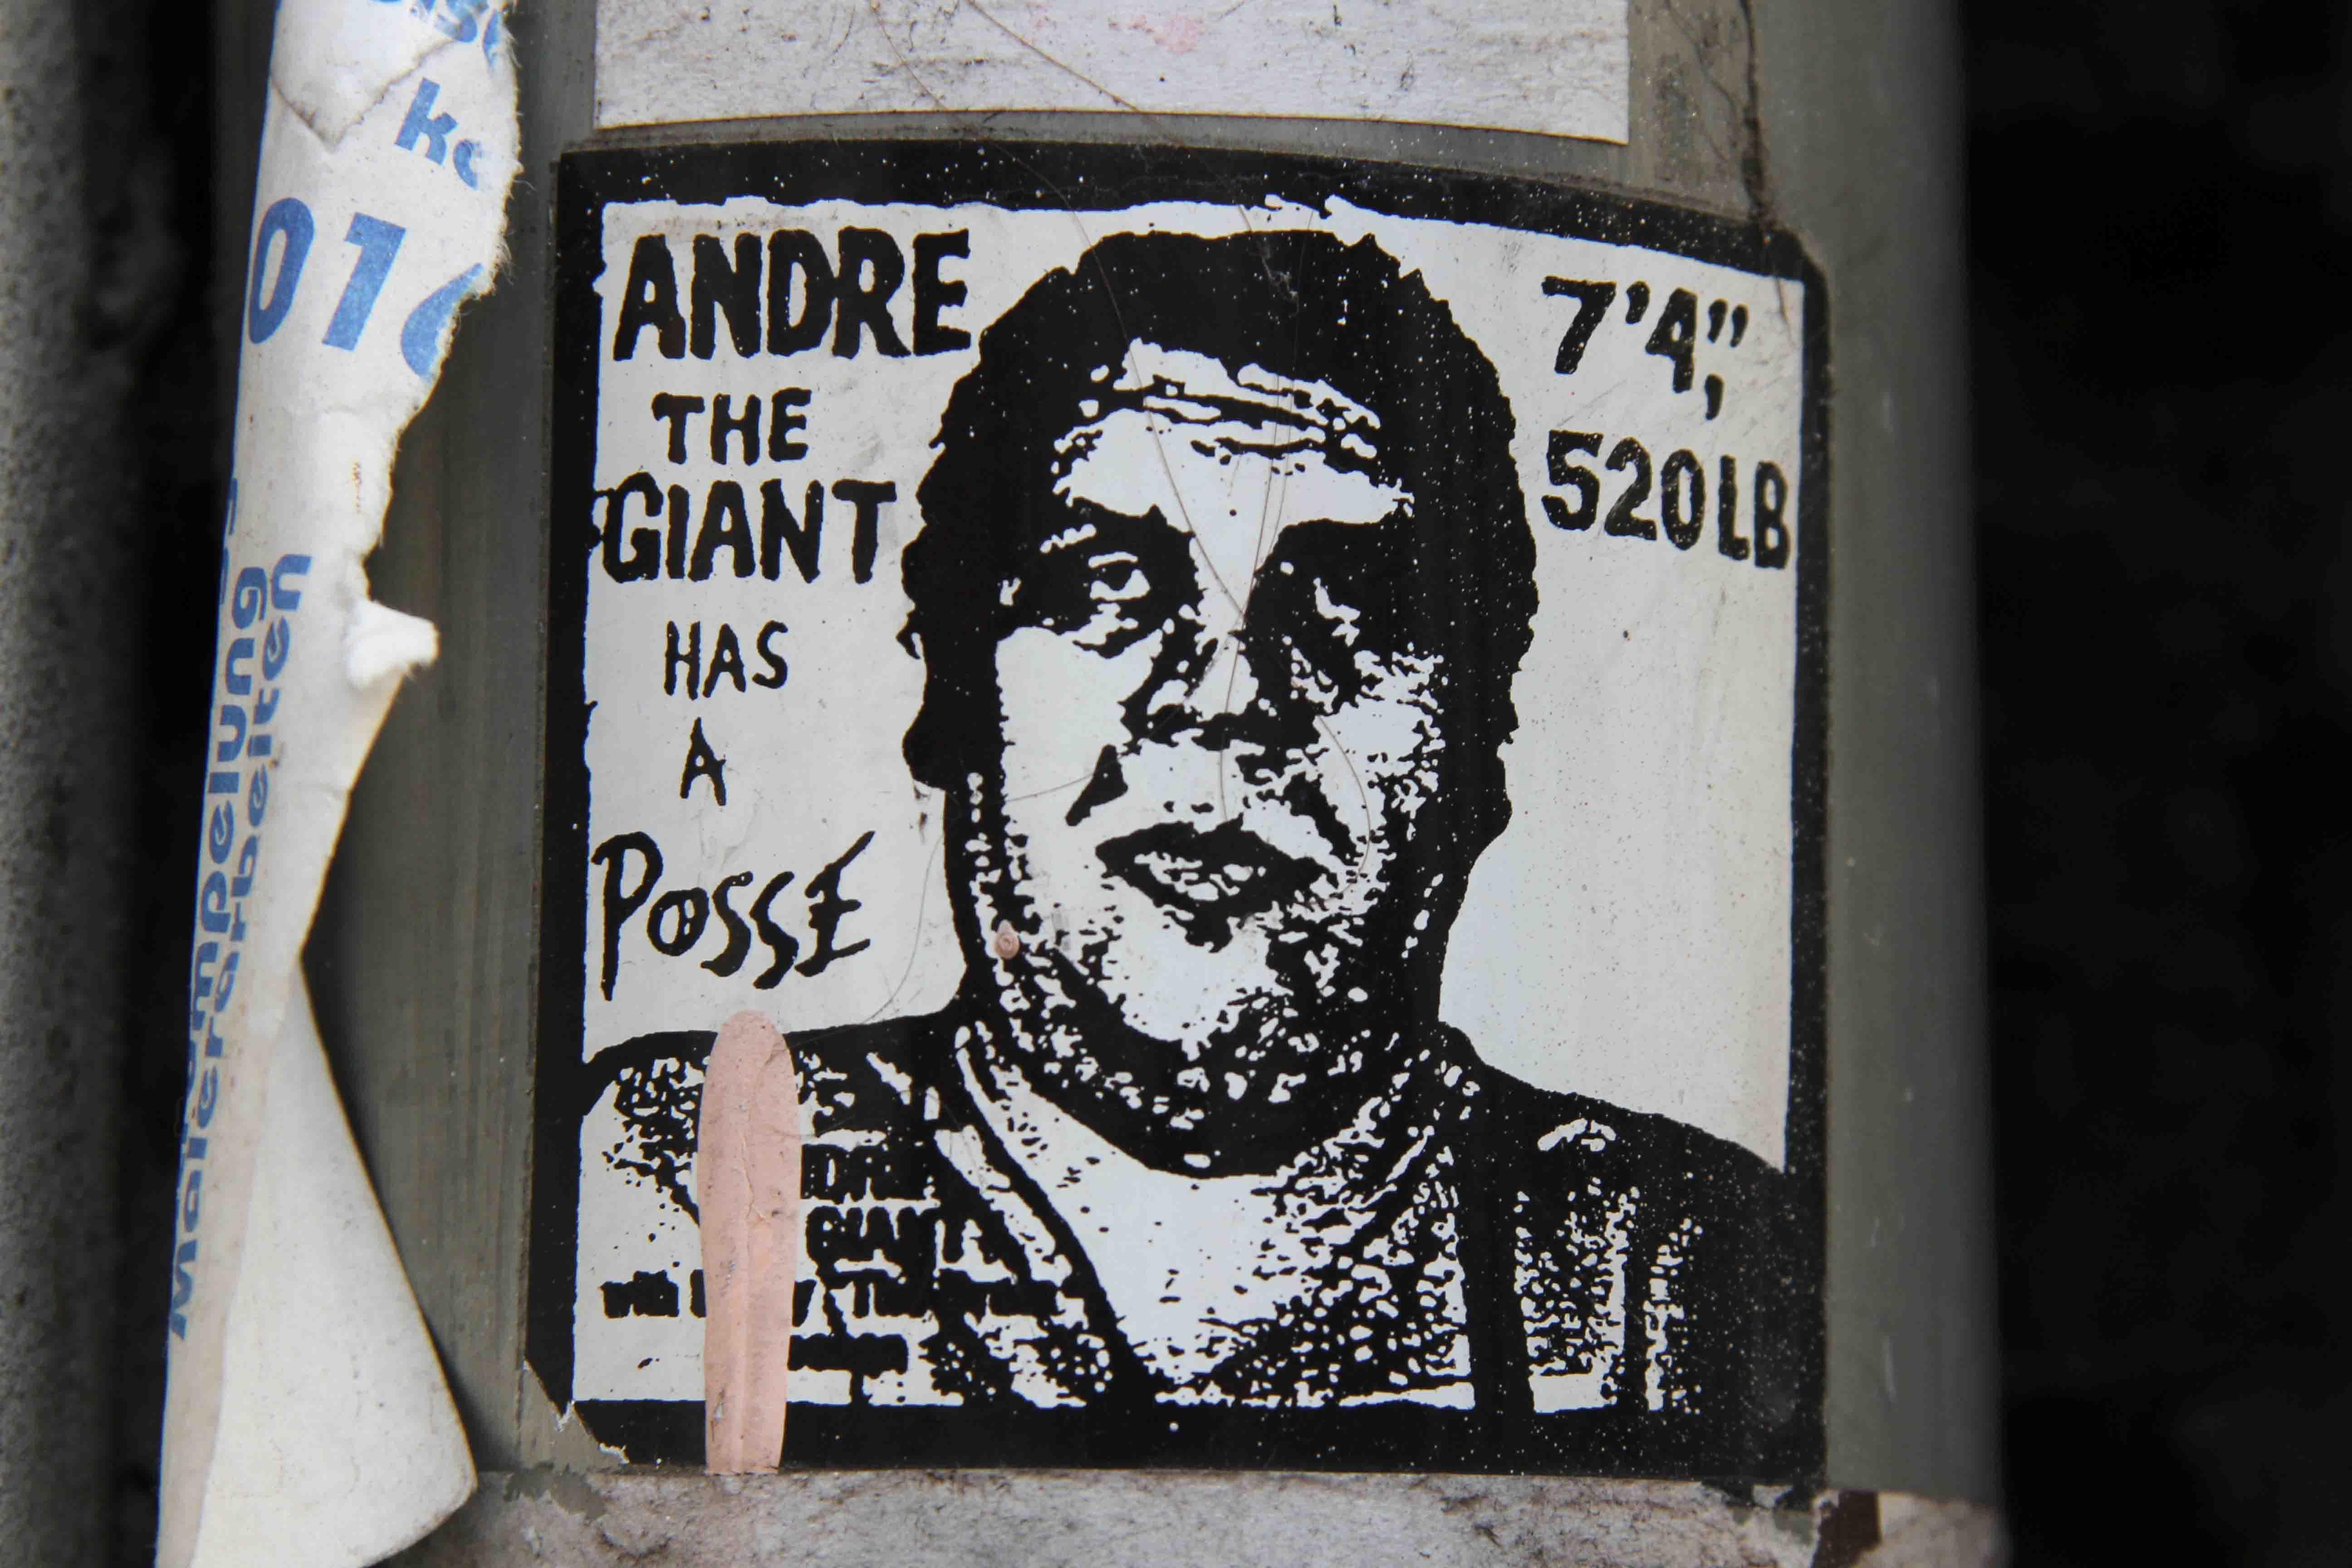 André The Giant Has A Posse Sticker - Street Art by Shepard Fairey in Berlin